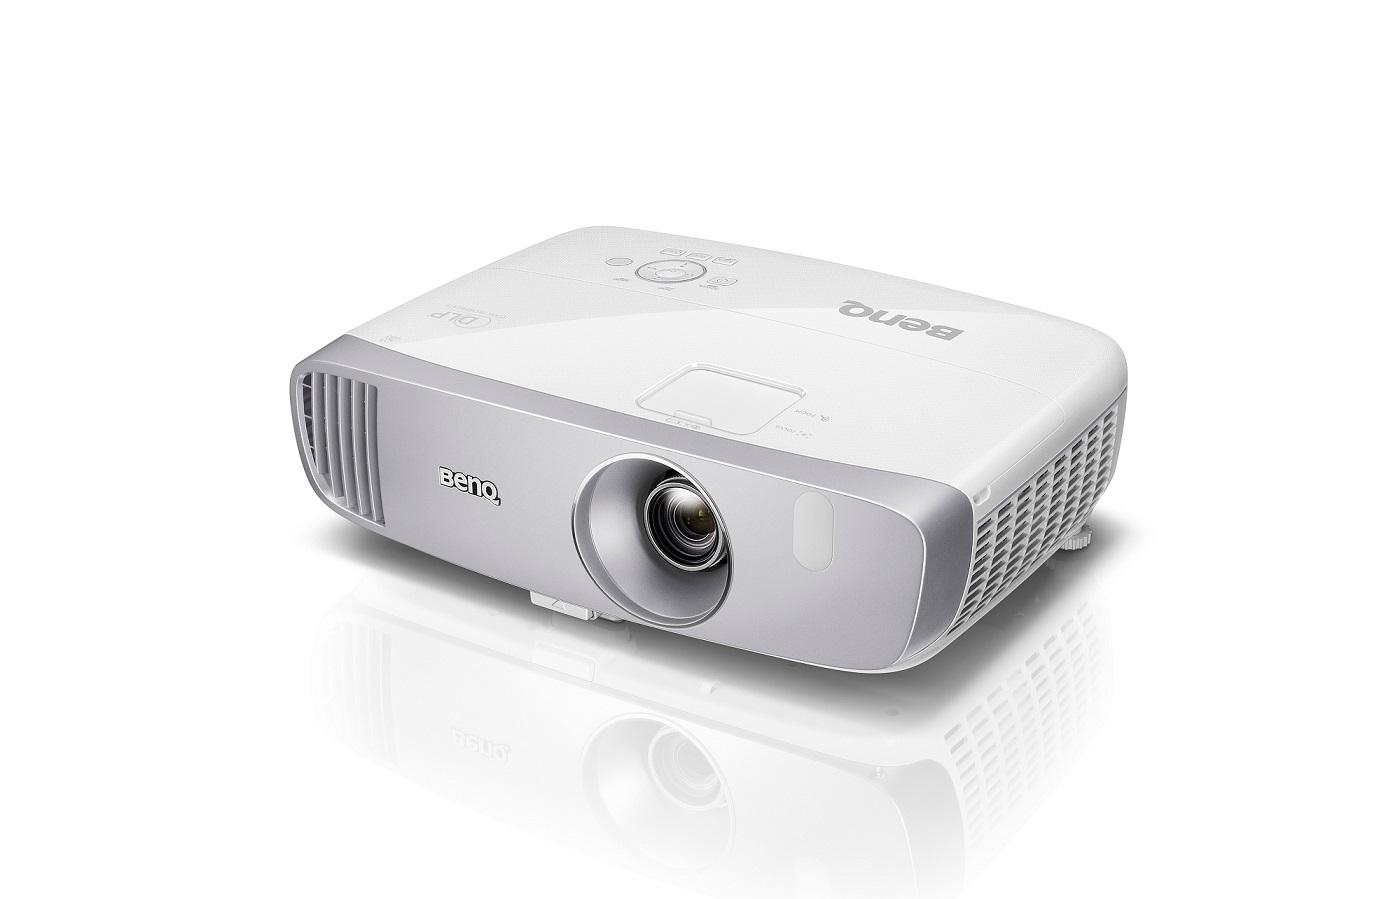 BenQ DLP Projektor W1110s 3D/1920x1080 Full HD/2200 ANSI lm/15000:1/D-SUB/2xHDMI/10W Repro/Football mode